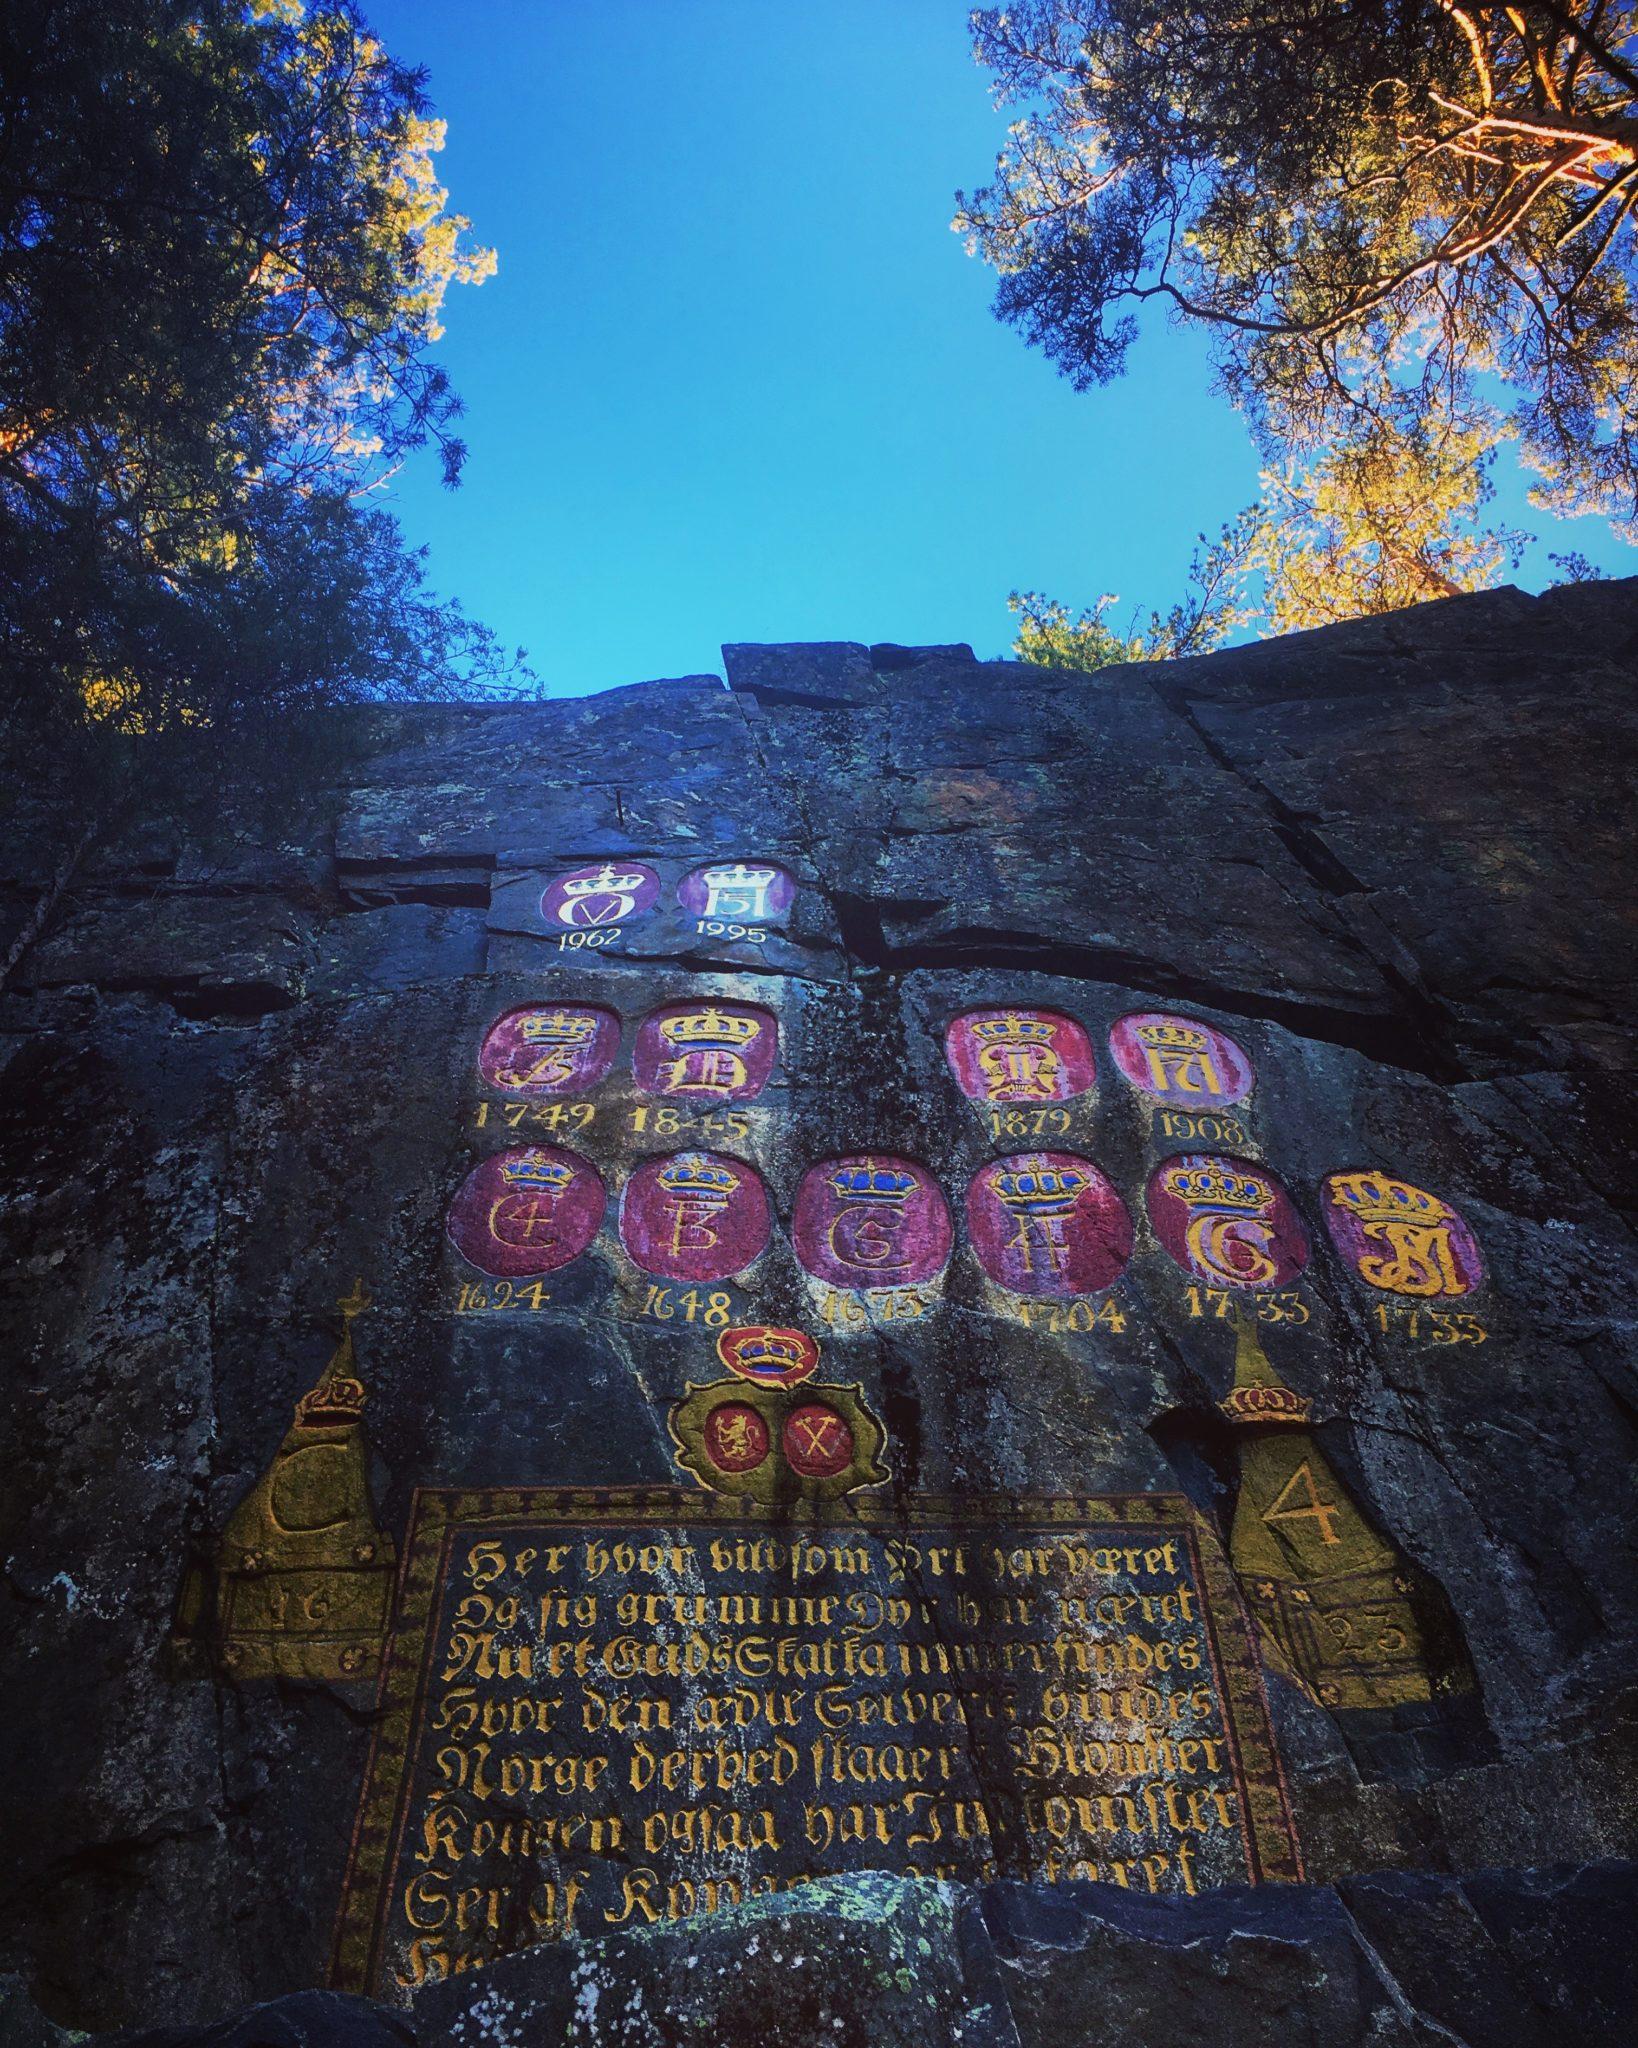 Hvem er den eneste kvinnen som har fått sitt monogram hugget inn i Kronene i Håvet?